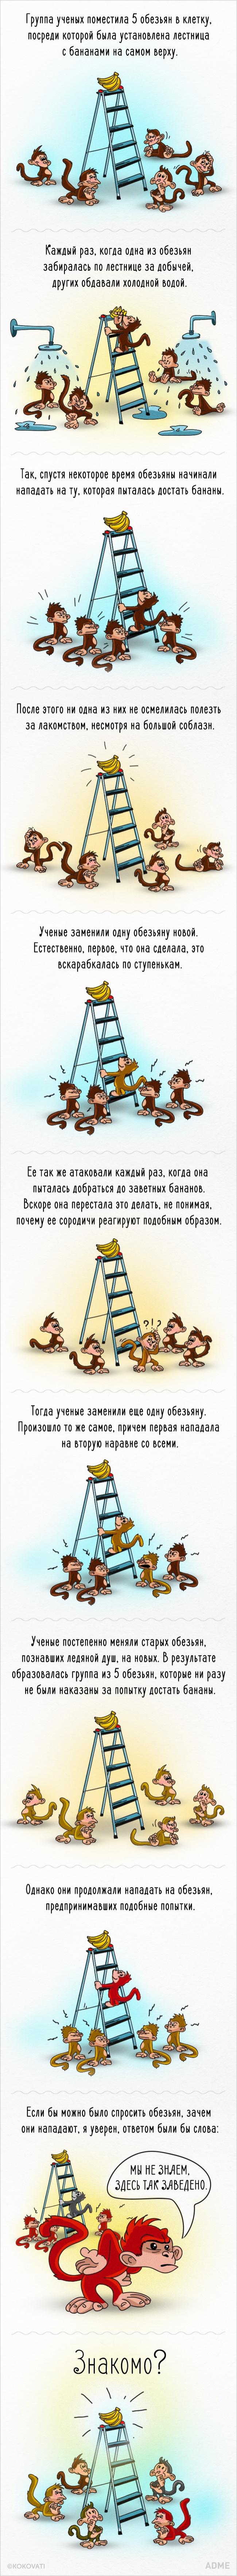 Як працює суспільство на прикладі мавп і бананів - фото 1